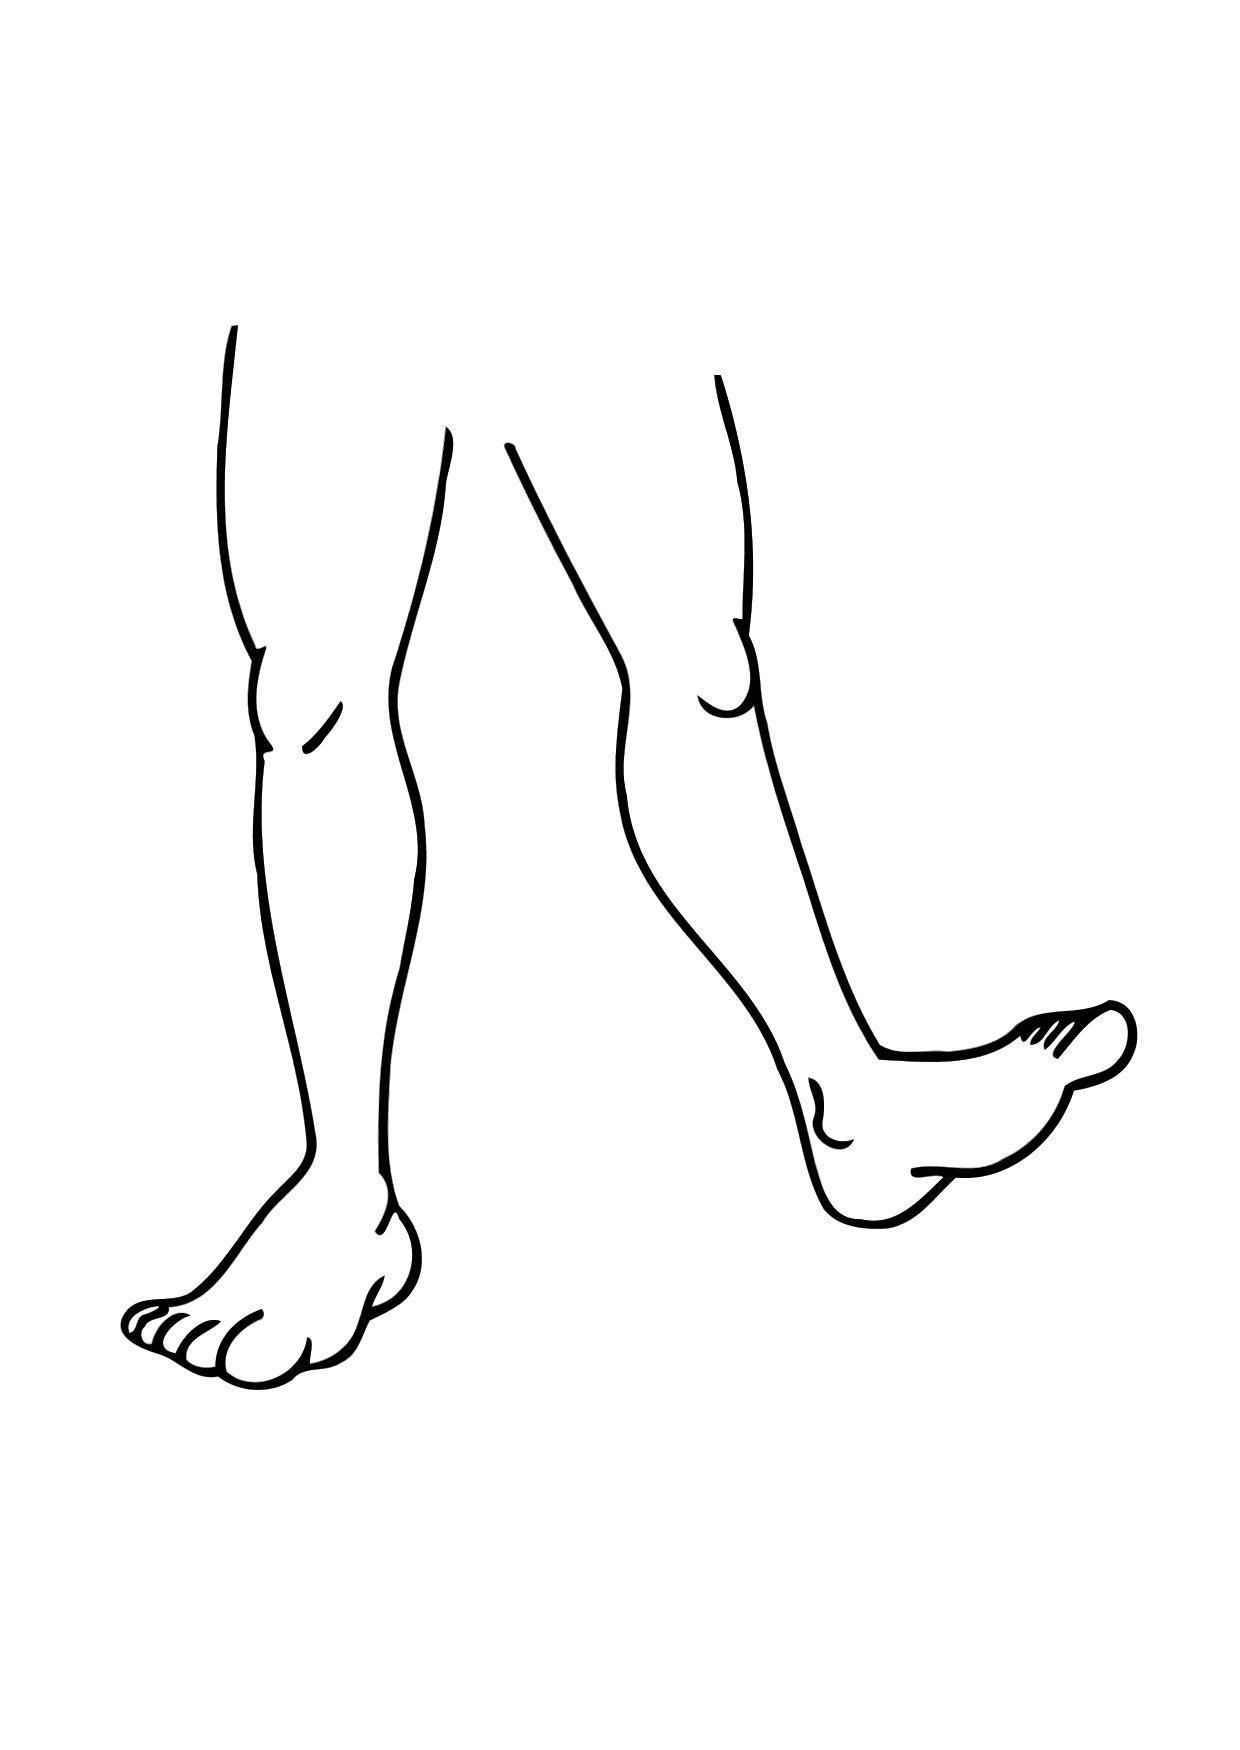 Disegno da colorare gambe cat 11476 images for Disegno pagliaccio da colorare